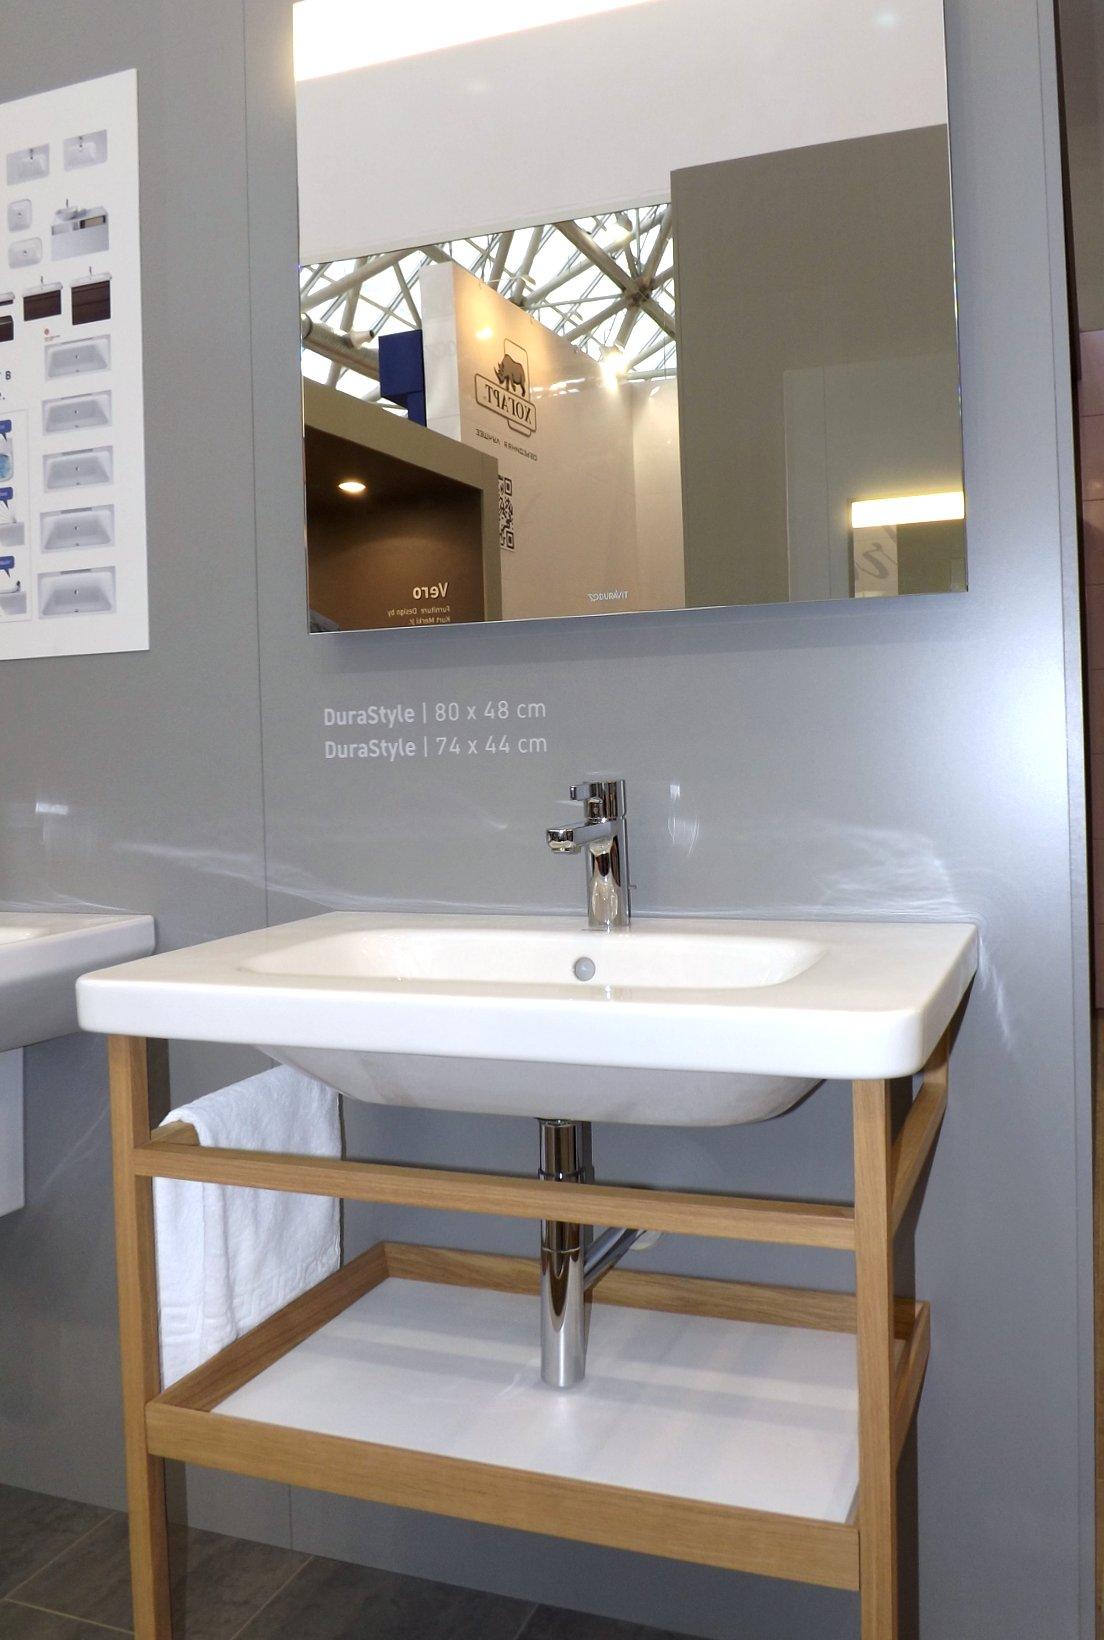 Модные тренды сантехники и аксессуаров для ванной 2016: умывальник с зеркалом и открытой полкой под раковиной на экспозиции от Duravit во время выставки MosBuild